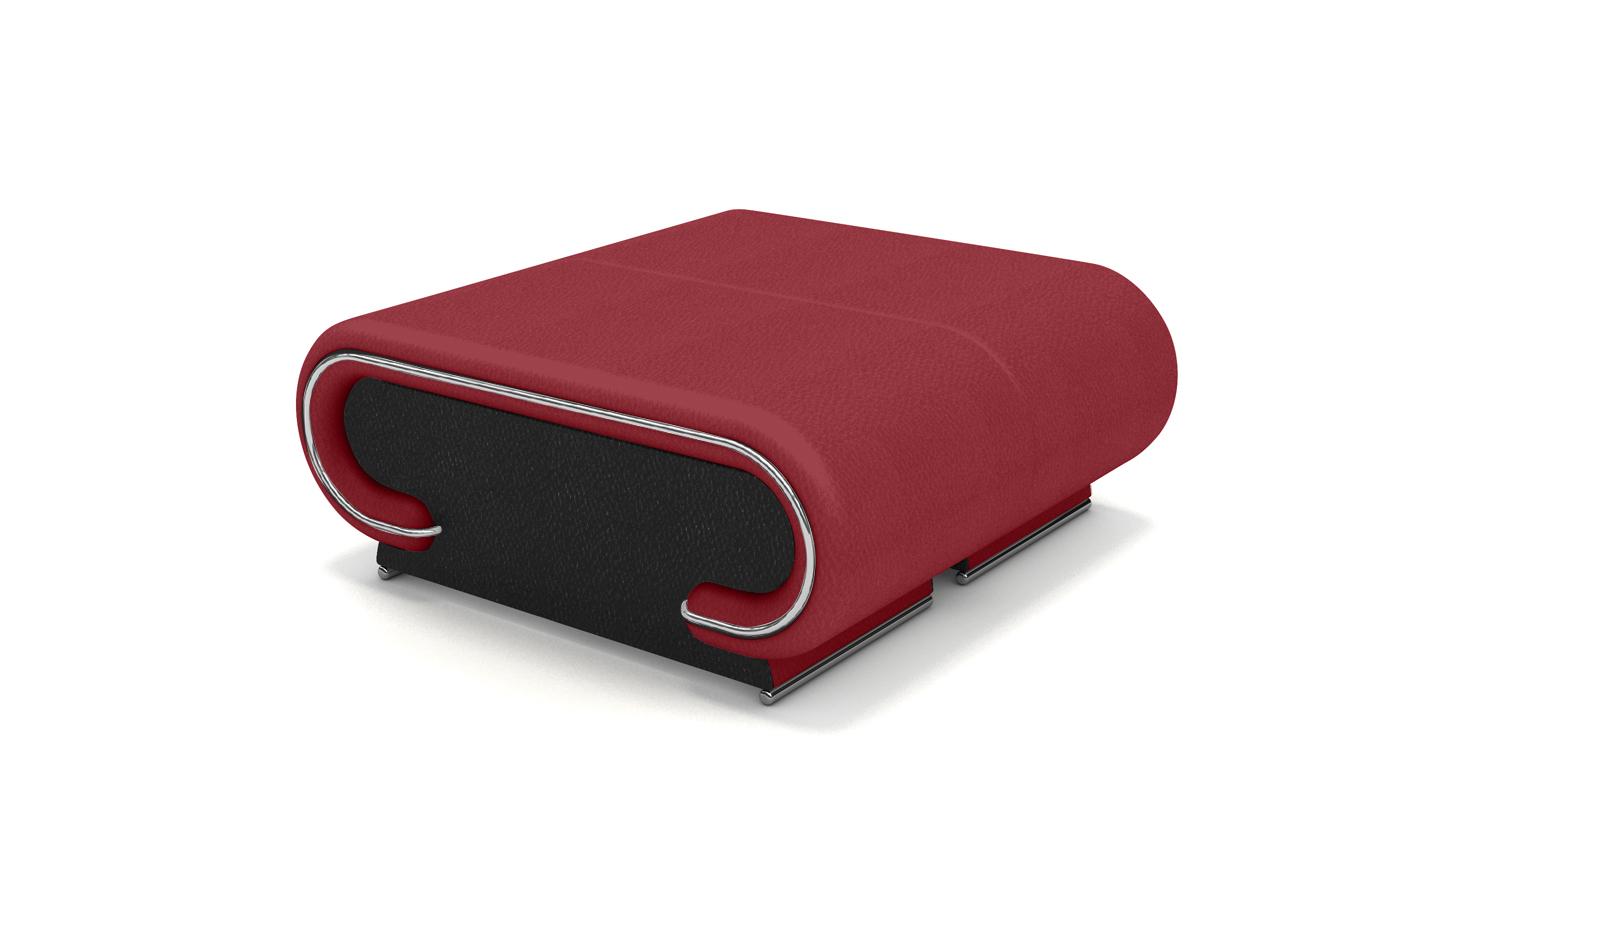 wohnzimmer rot schwarz:SAM® Wohnzimmer Design Hocker rot schwarz Farbauswahl Vigo